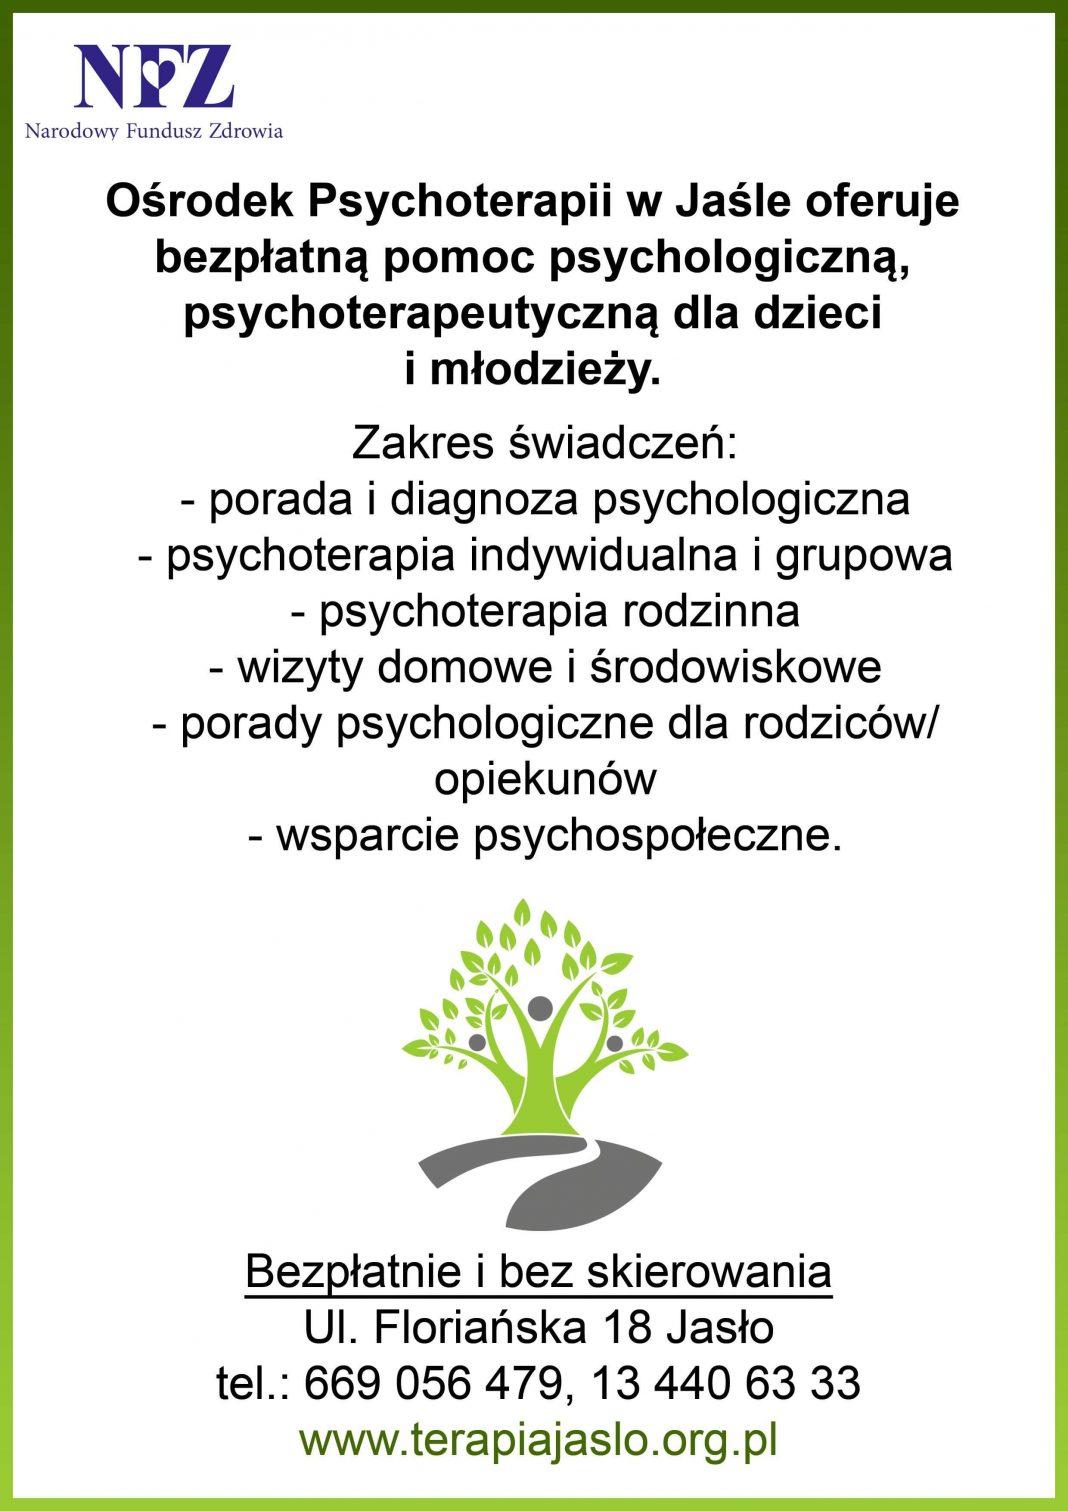 Bezpłatna pomoc psychologiczna, psychoterapeutyczna dla dzieci i młodzieży